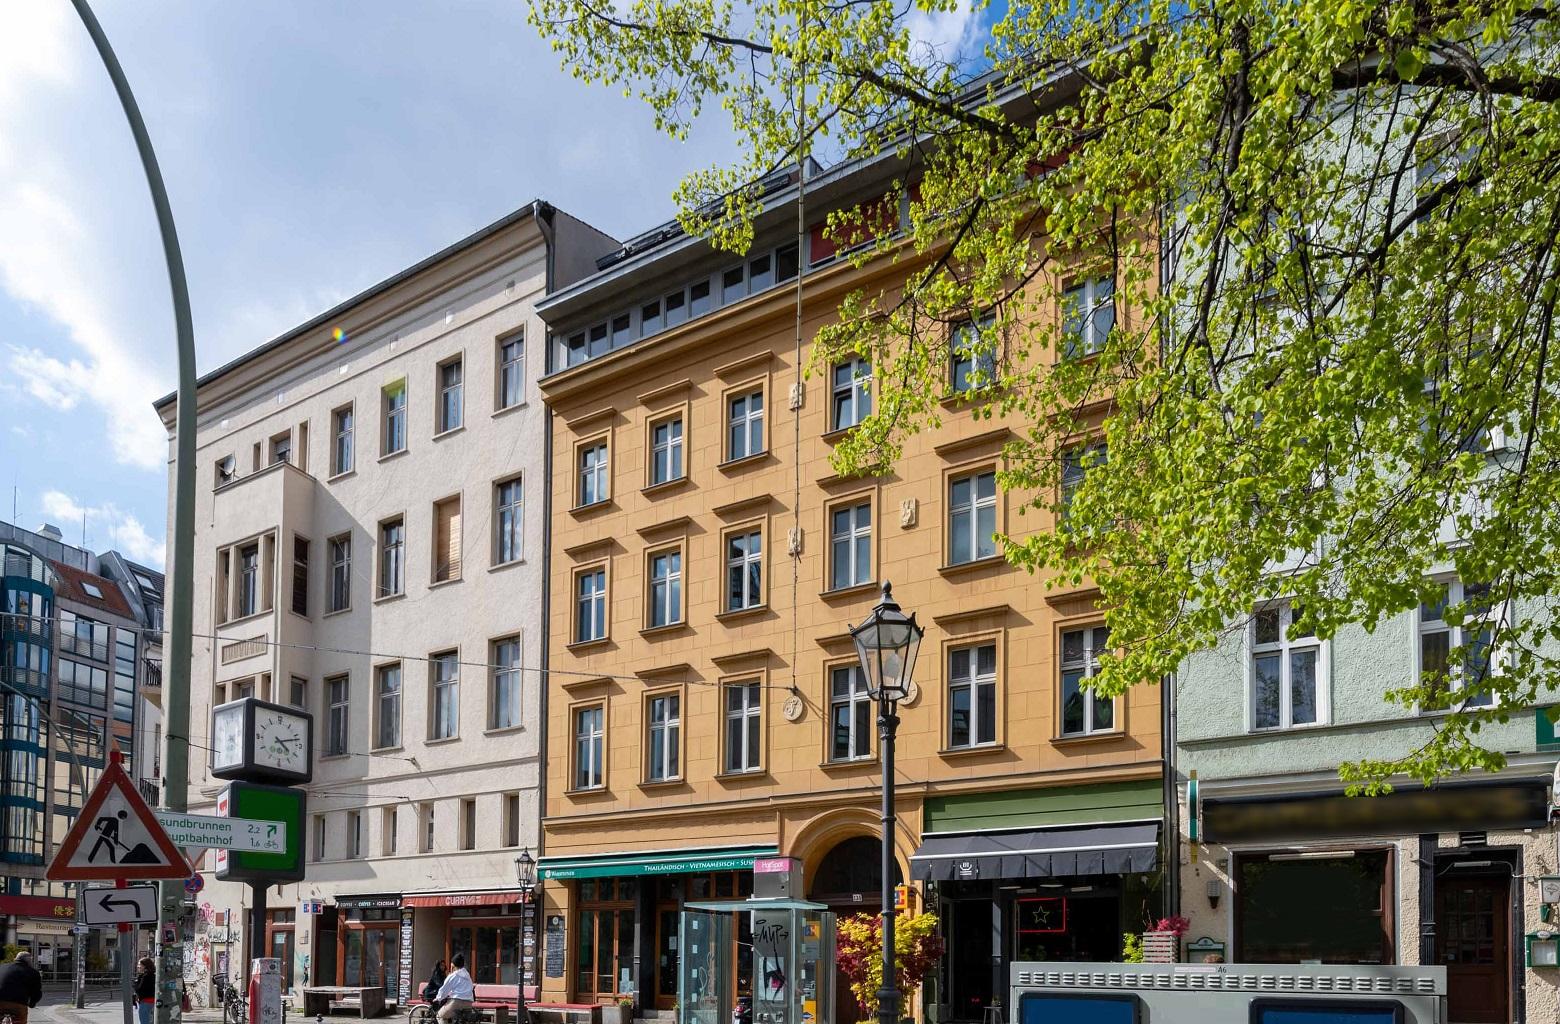 Covivio setzt nachhaltige Investitionsstrategie fort – weitere Akquisition eines Portfolios mit rund 500 Einheiten in Berlin